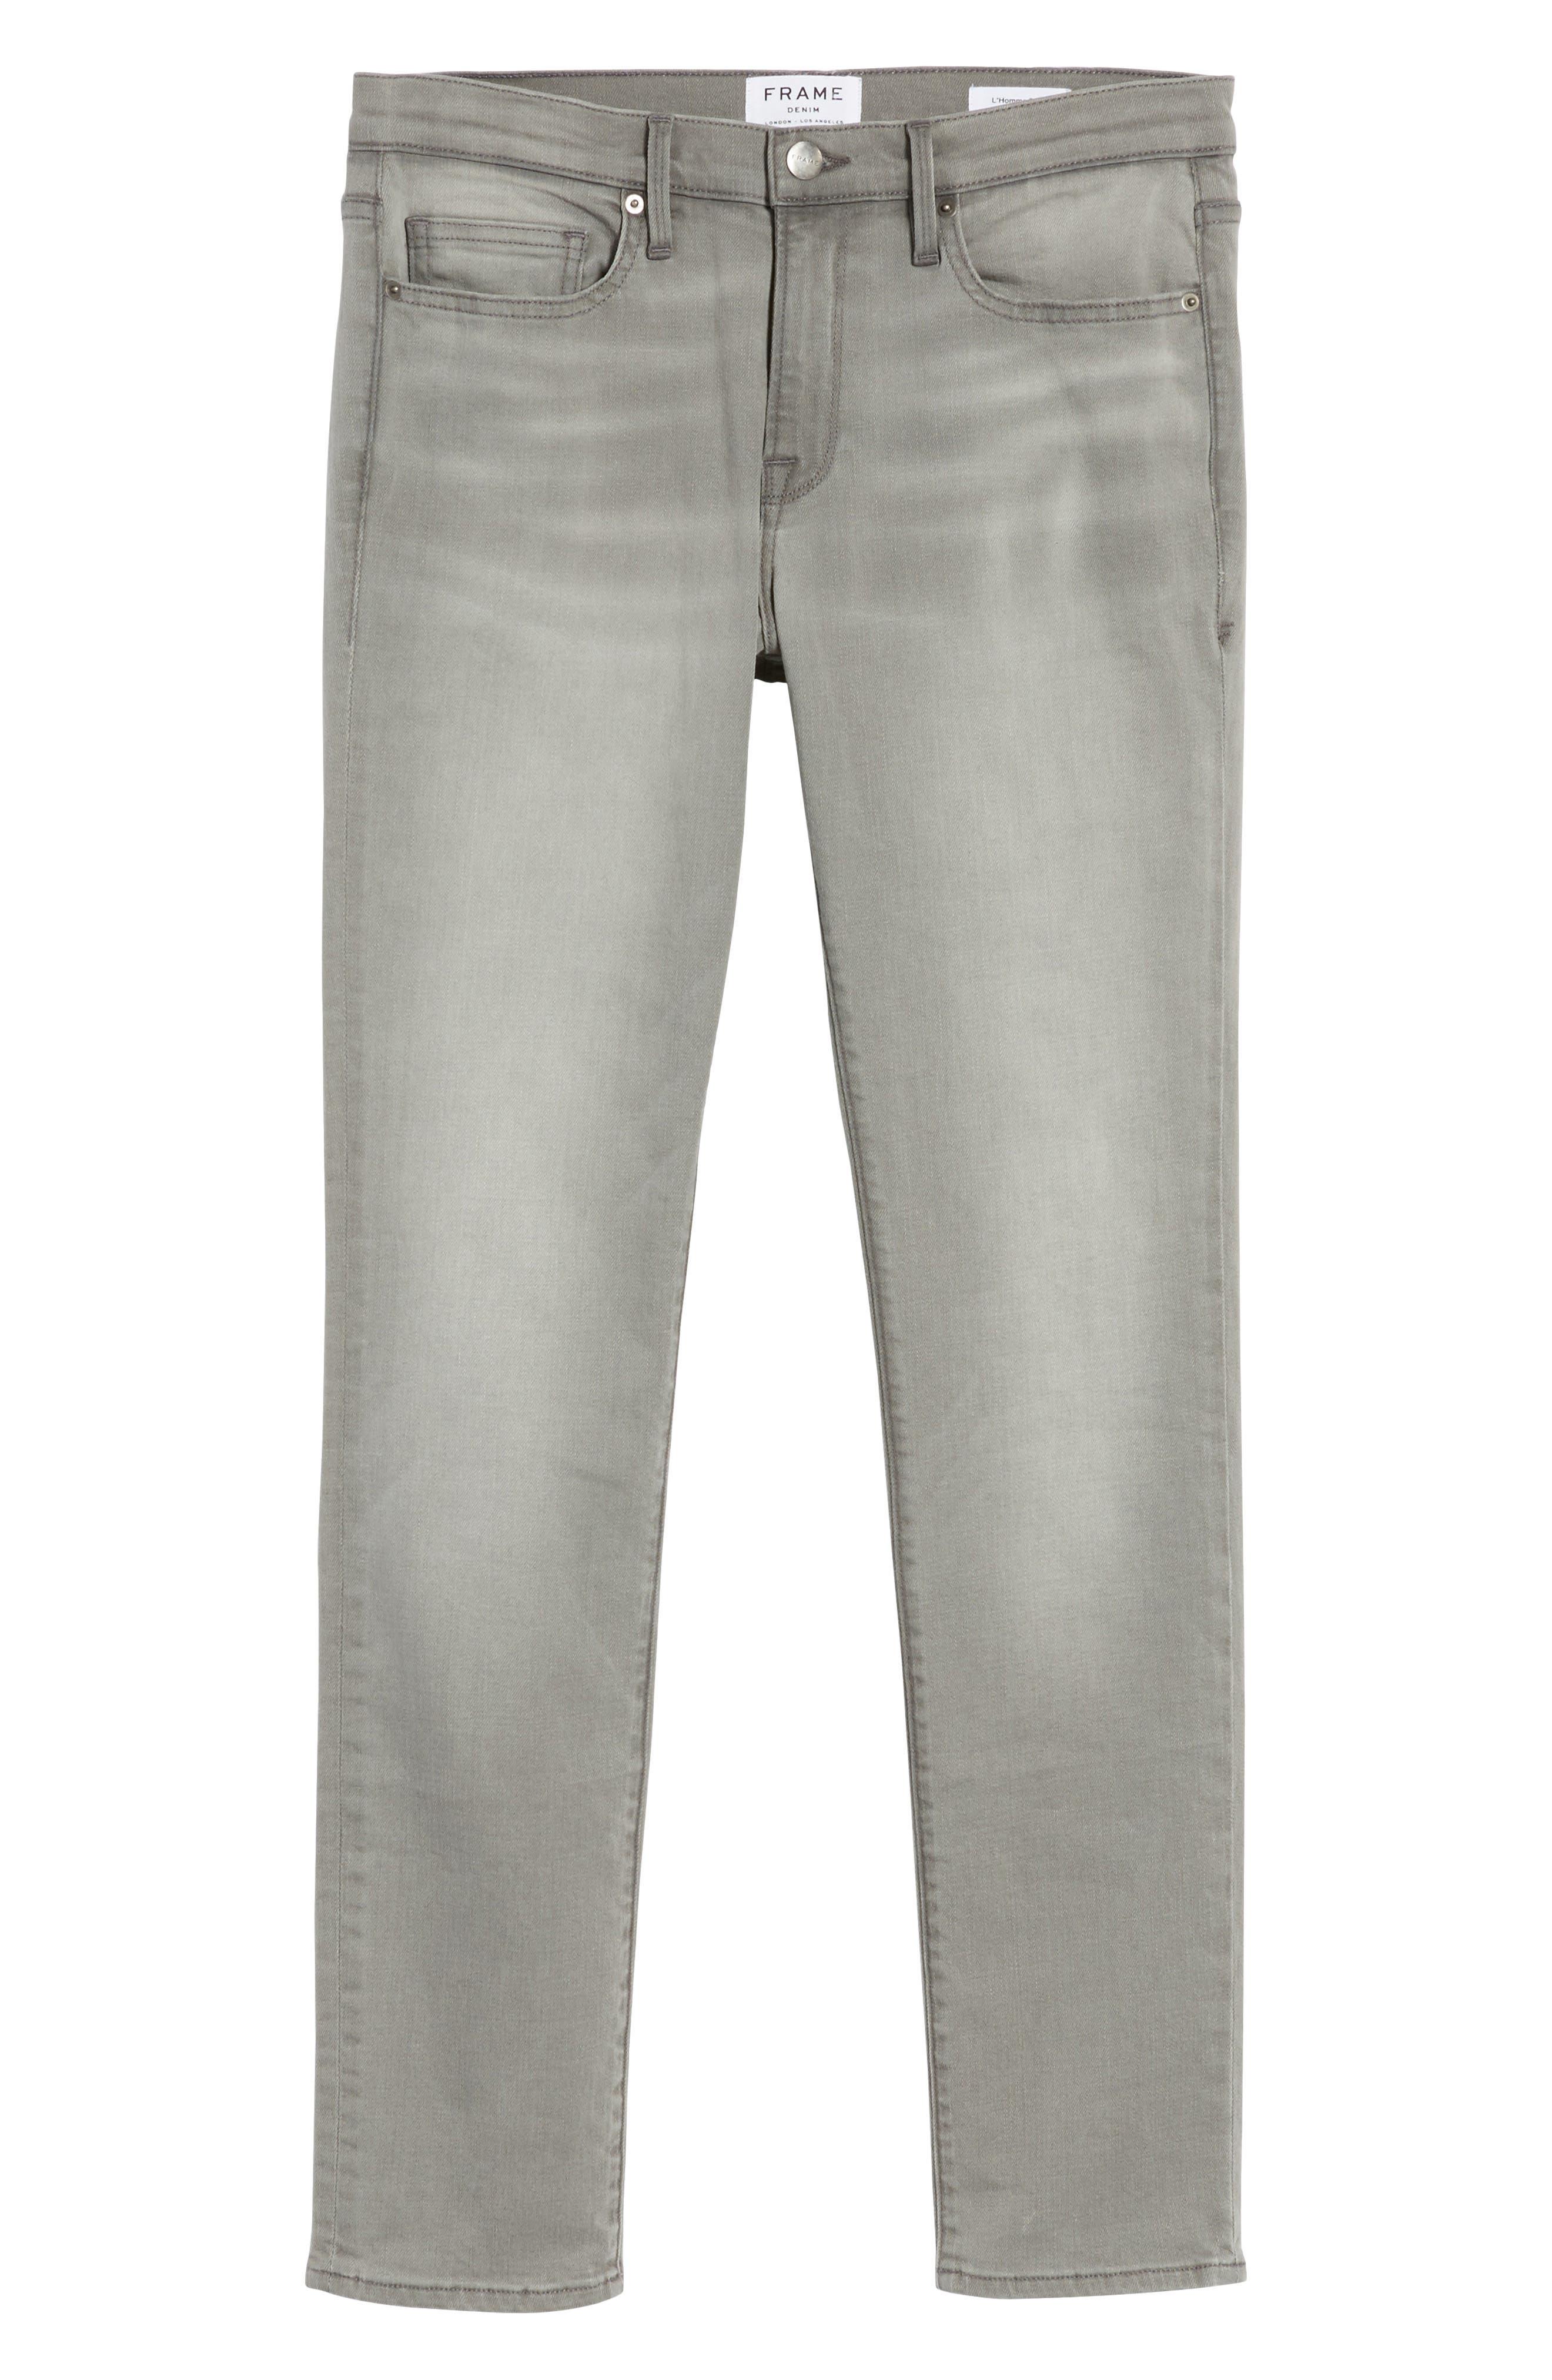 L'Homme Slim Fit Jeans,                             Alternate thumbnail 6, color,                             030